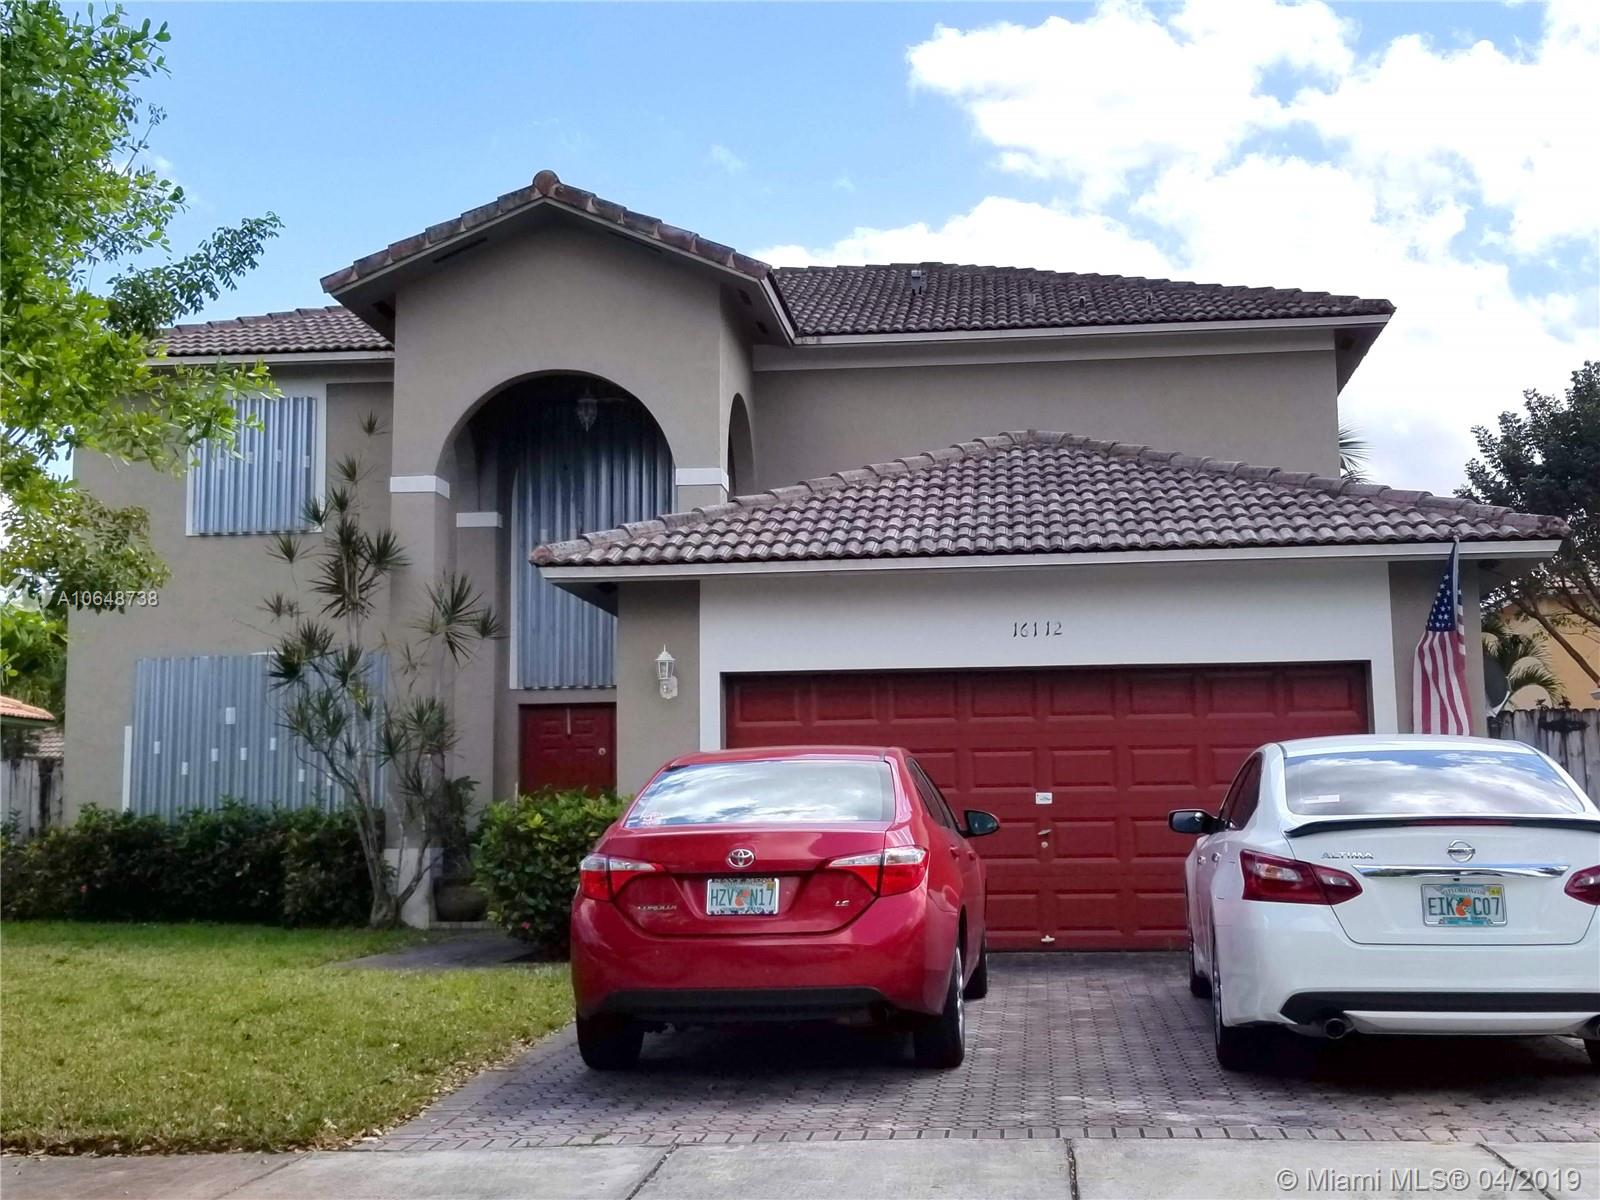 16112 Sw 151st St Miami, FL 33196